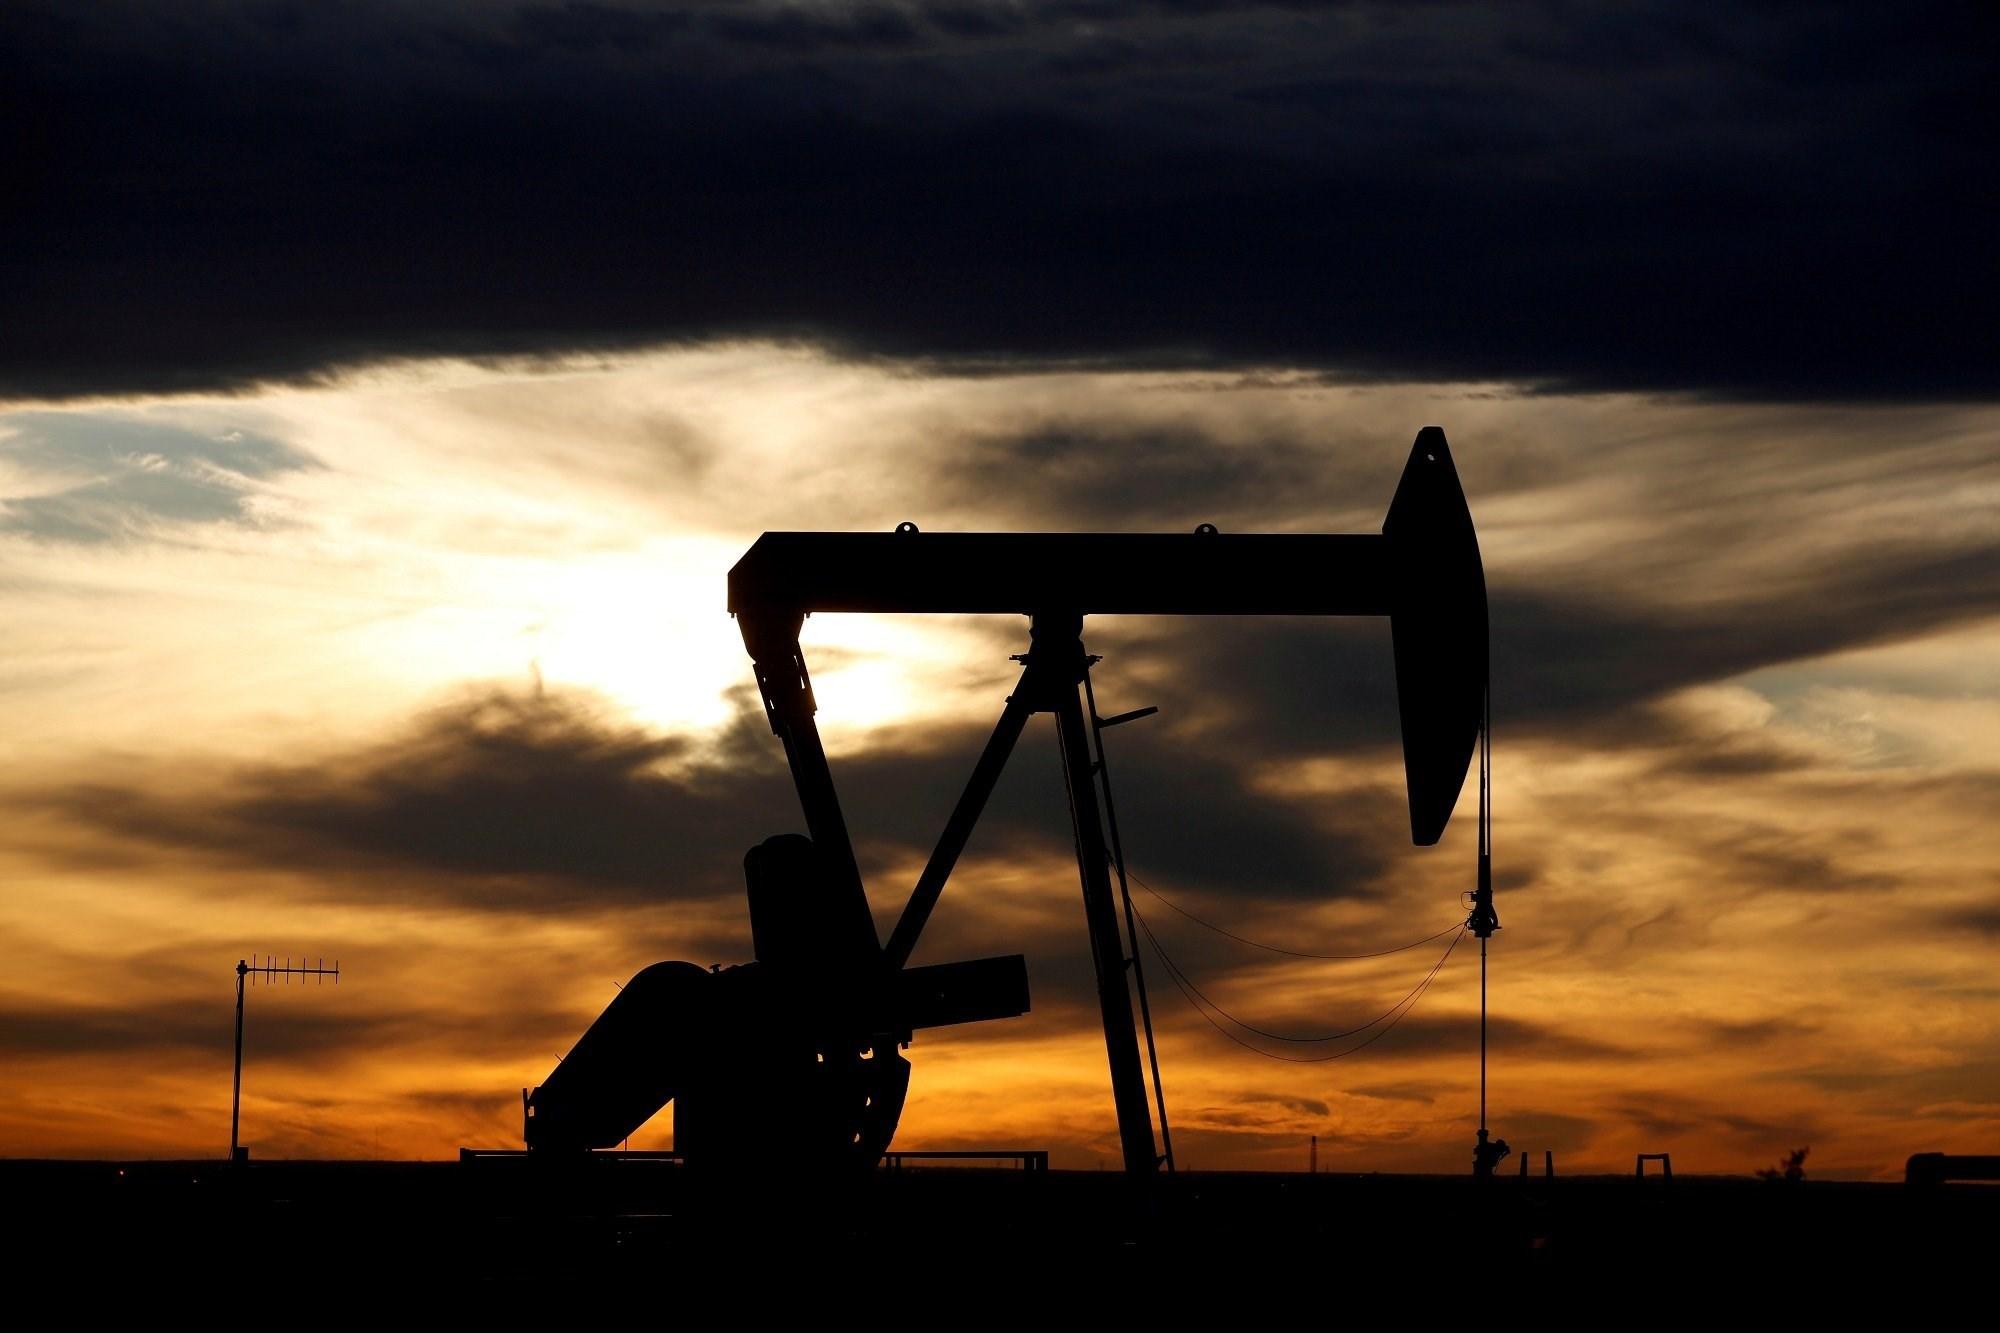 أسعار النفط تبلغ ذروة 12 شهراً بينما يكبح كبار المنتجين الإنتاج